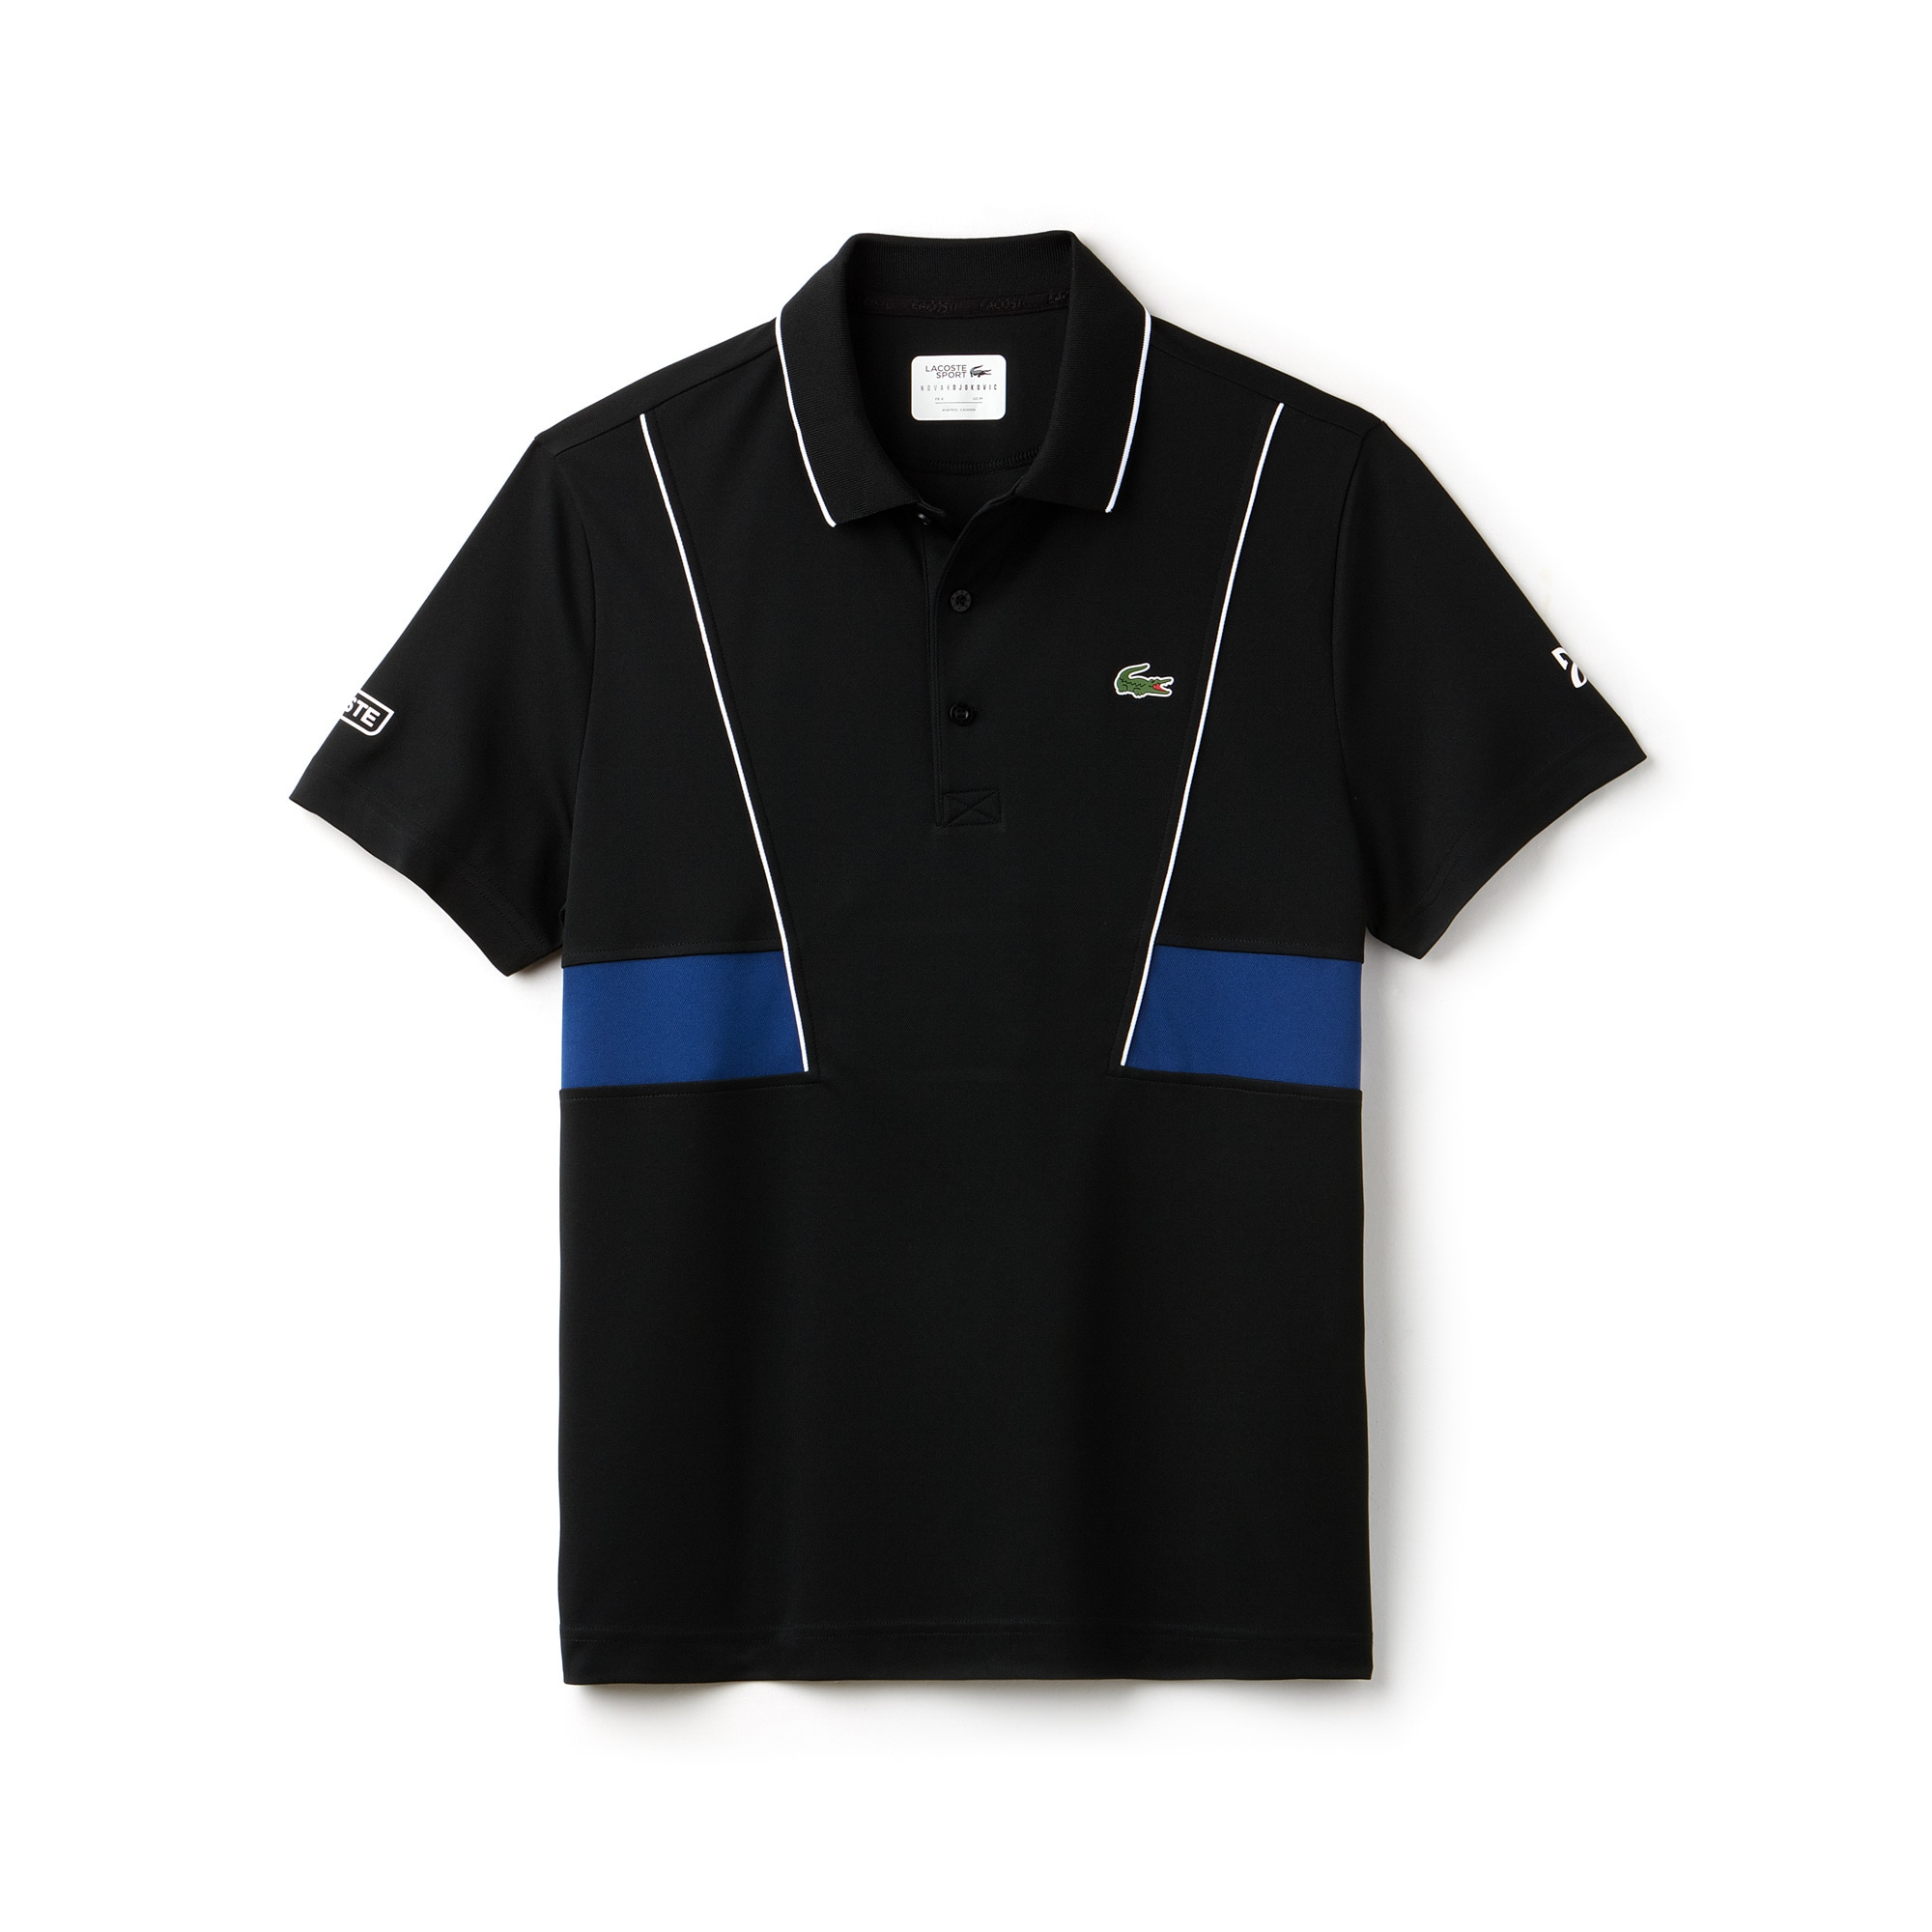 Camisa Lacoste Sport Coleção Novak Djokovic em Piqué Técnico  a1746efff241a